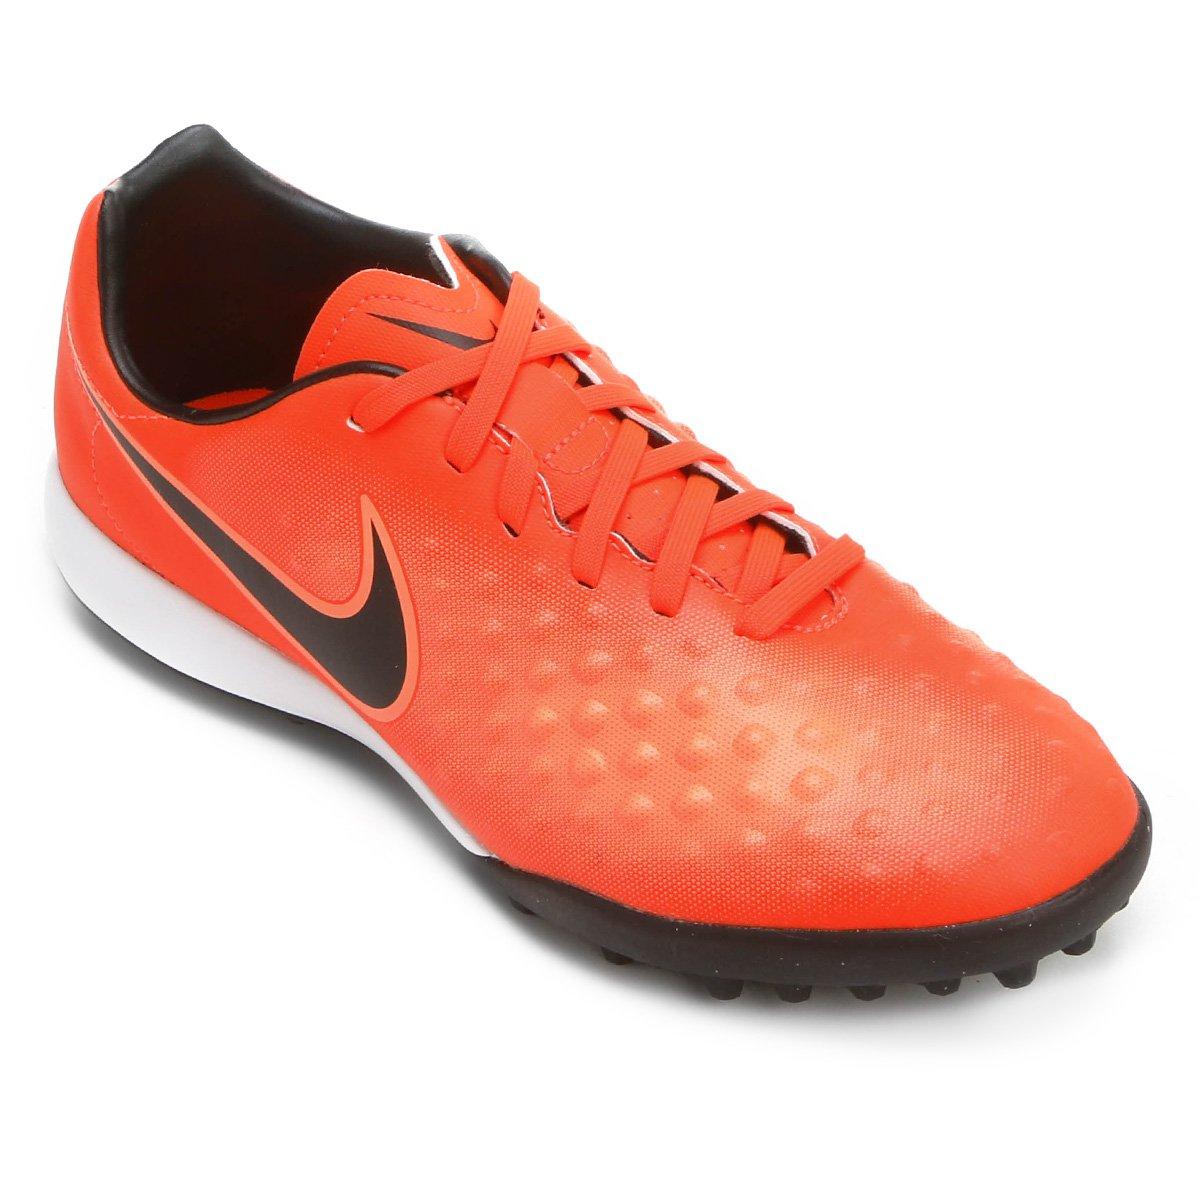 8a66353f6b Chuteira Society Nike Magista Onda II TF Masculina - Vermelho e .